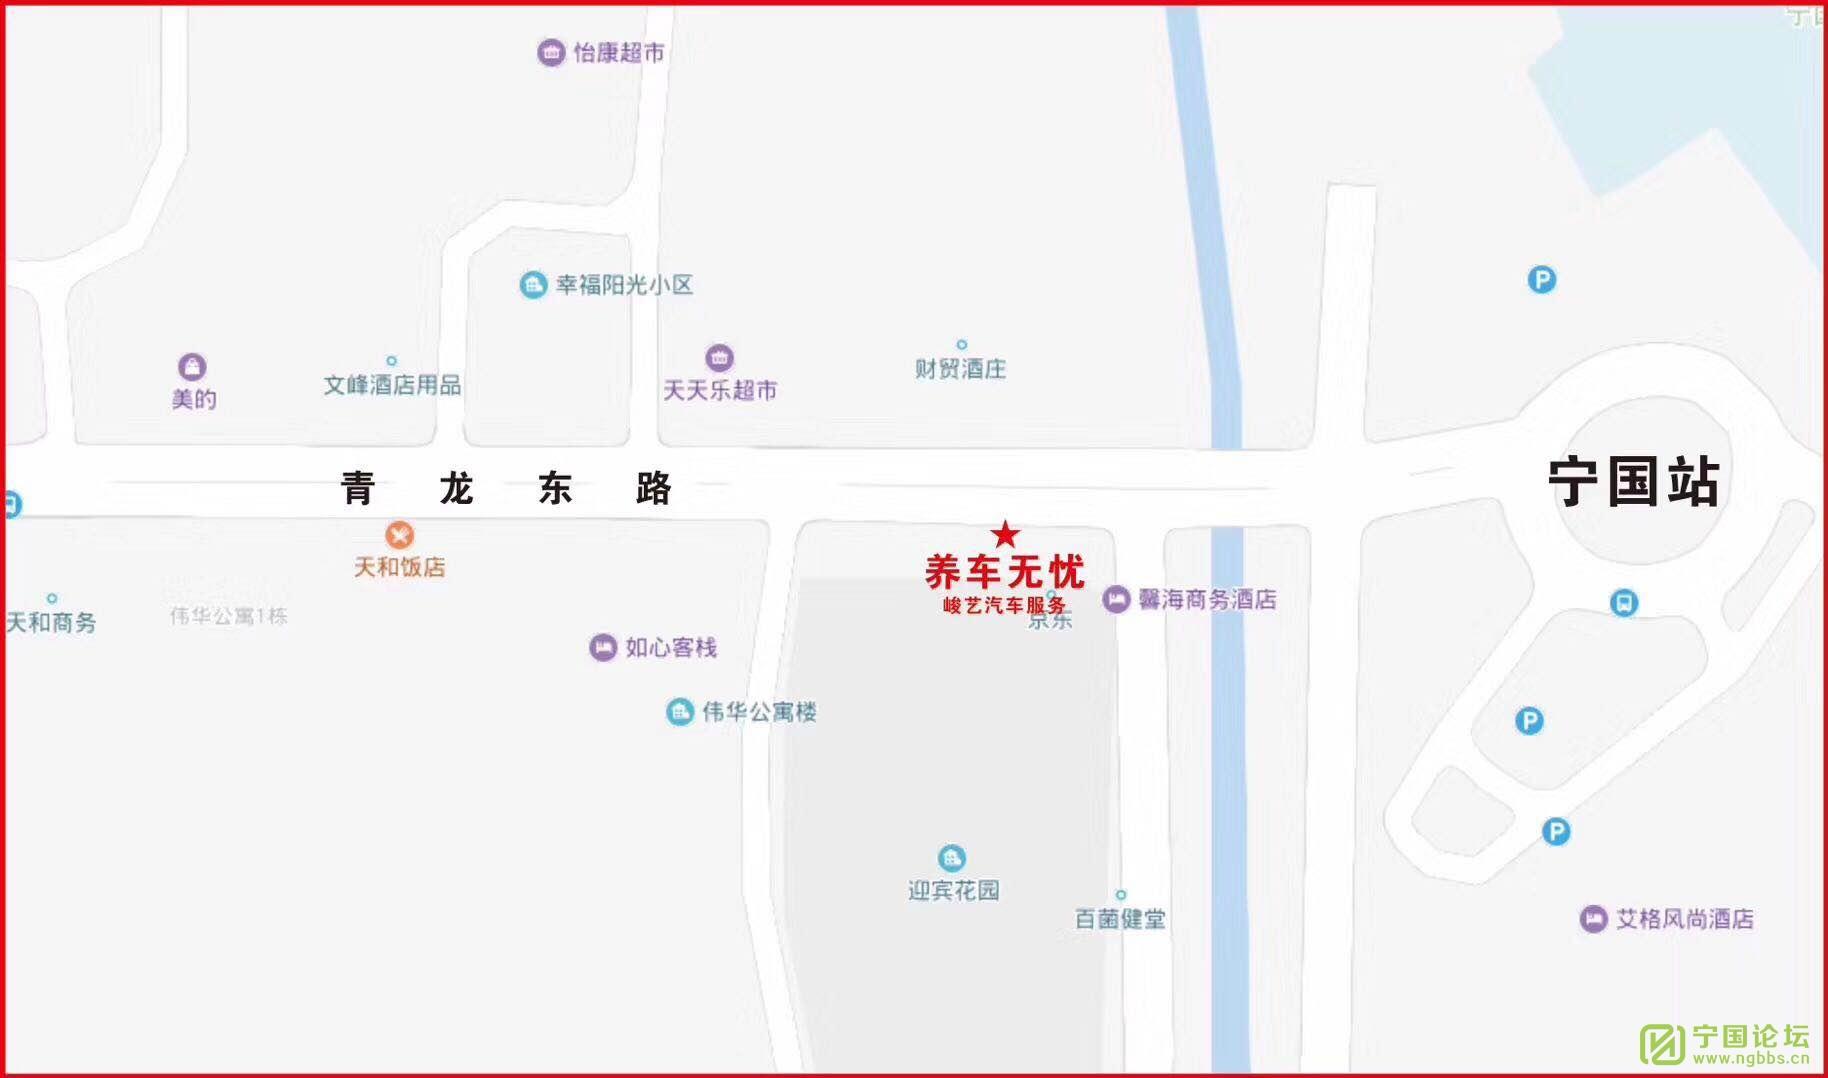 1月11日盛大开业! - 宁国论坛 - 微信图片_20190101230721.jpg